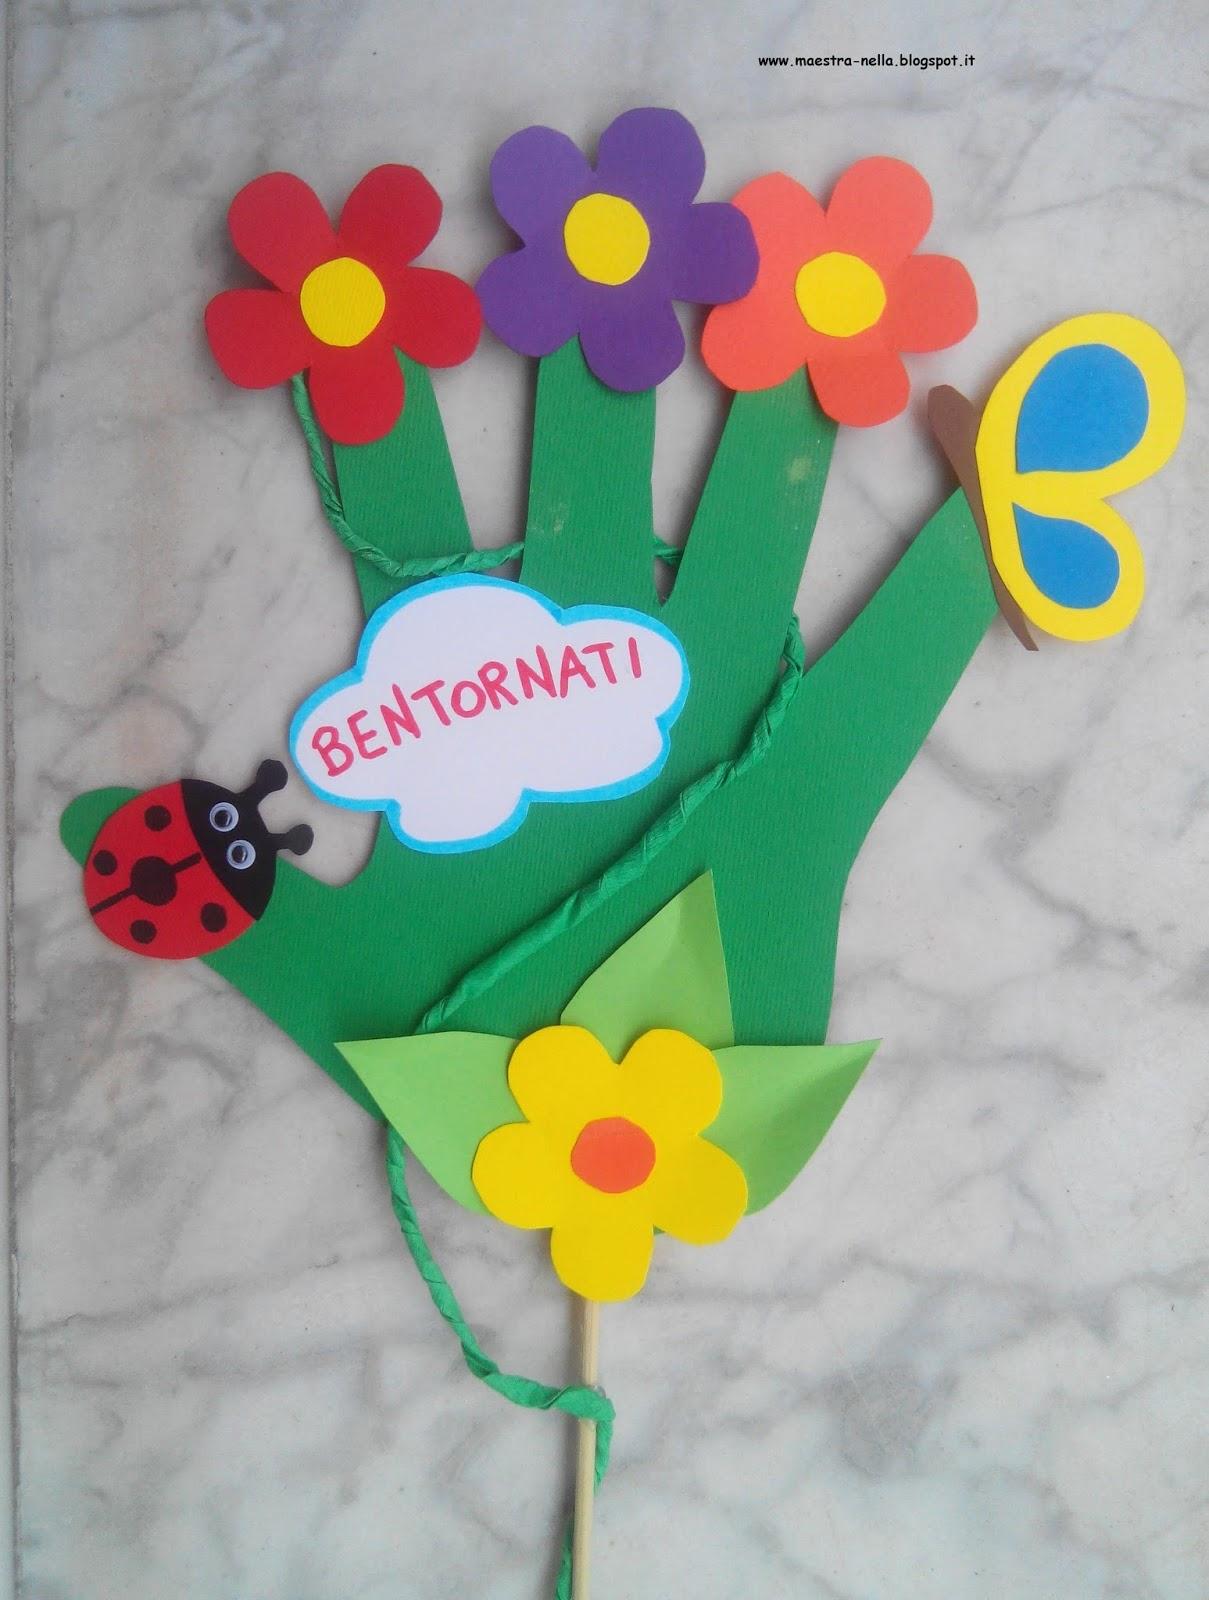 Preferenza maestra Nella: con le mani KX81